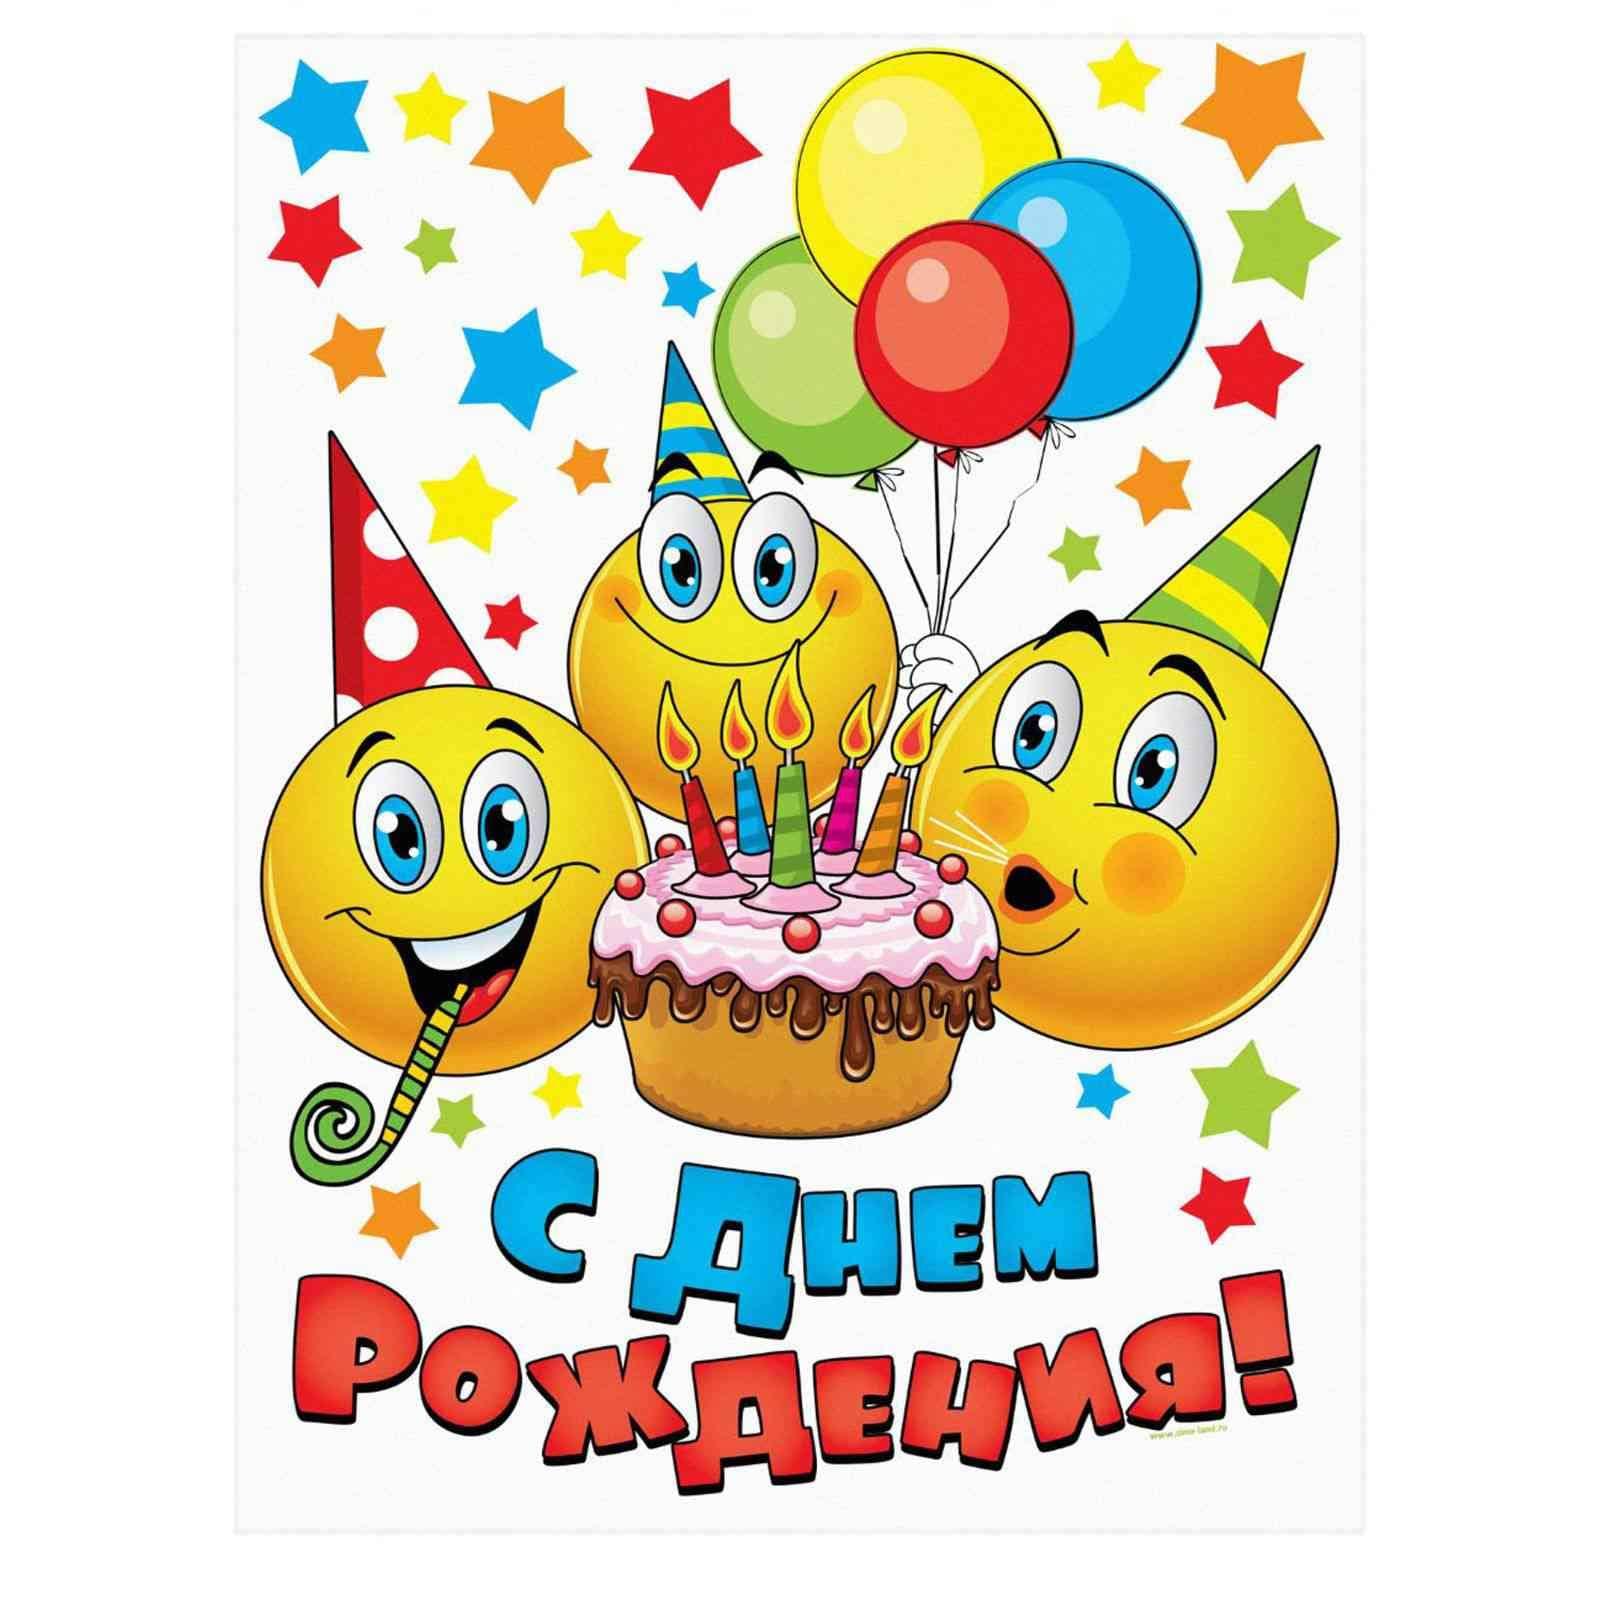 Маленькие картинки для открытки с днем рождения